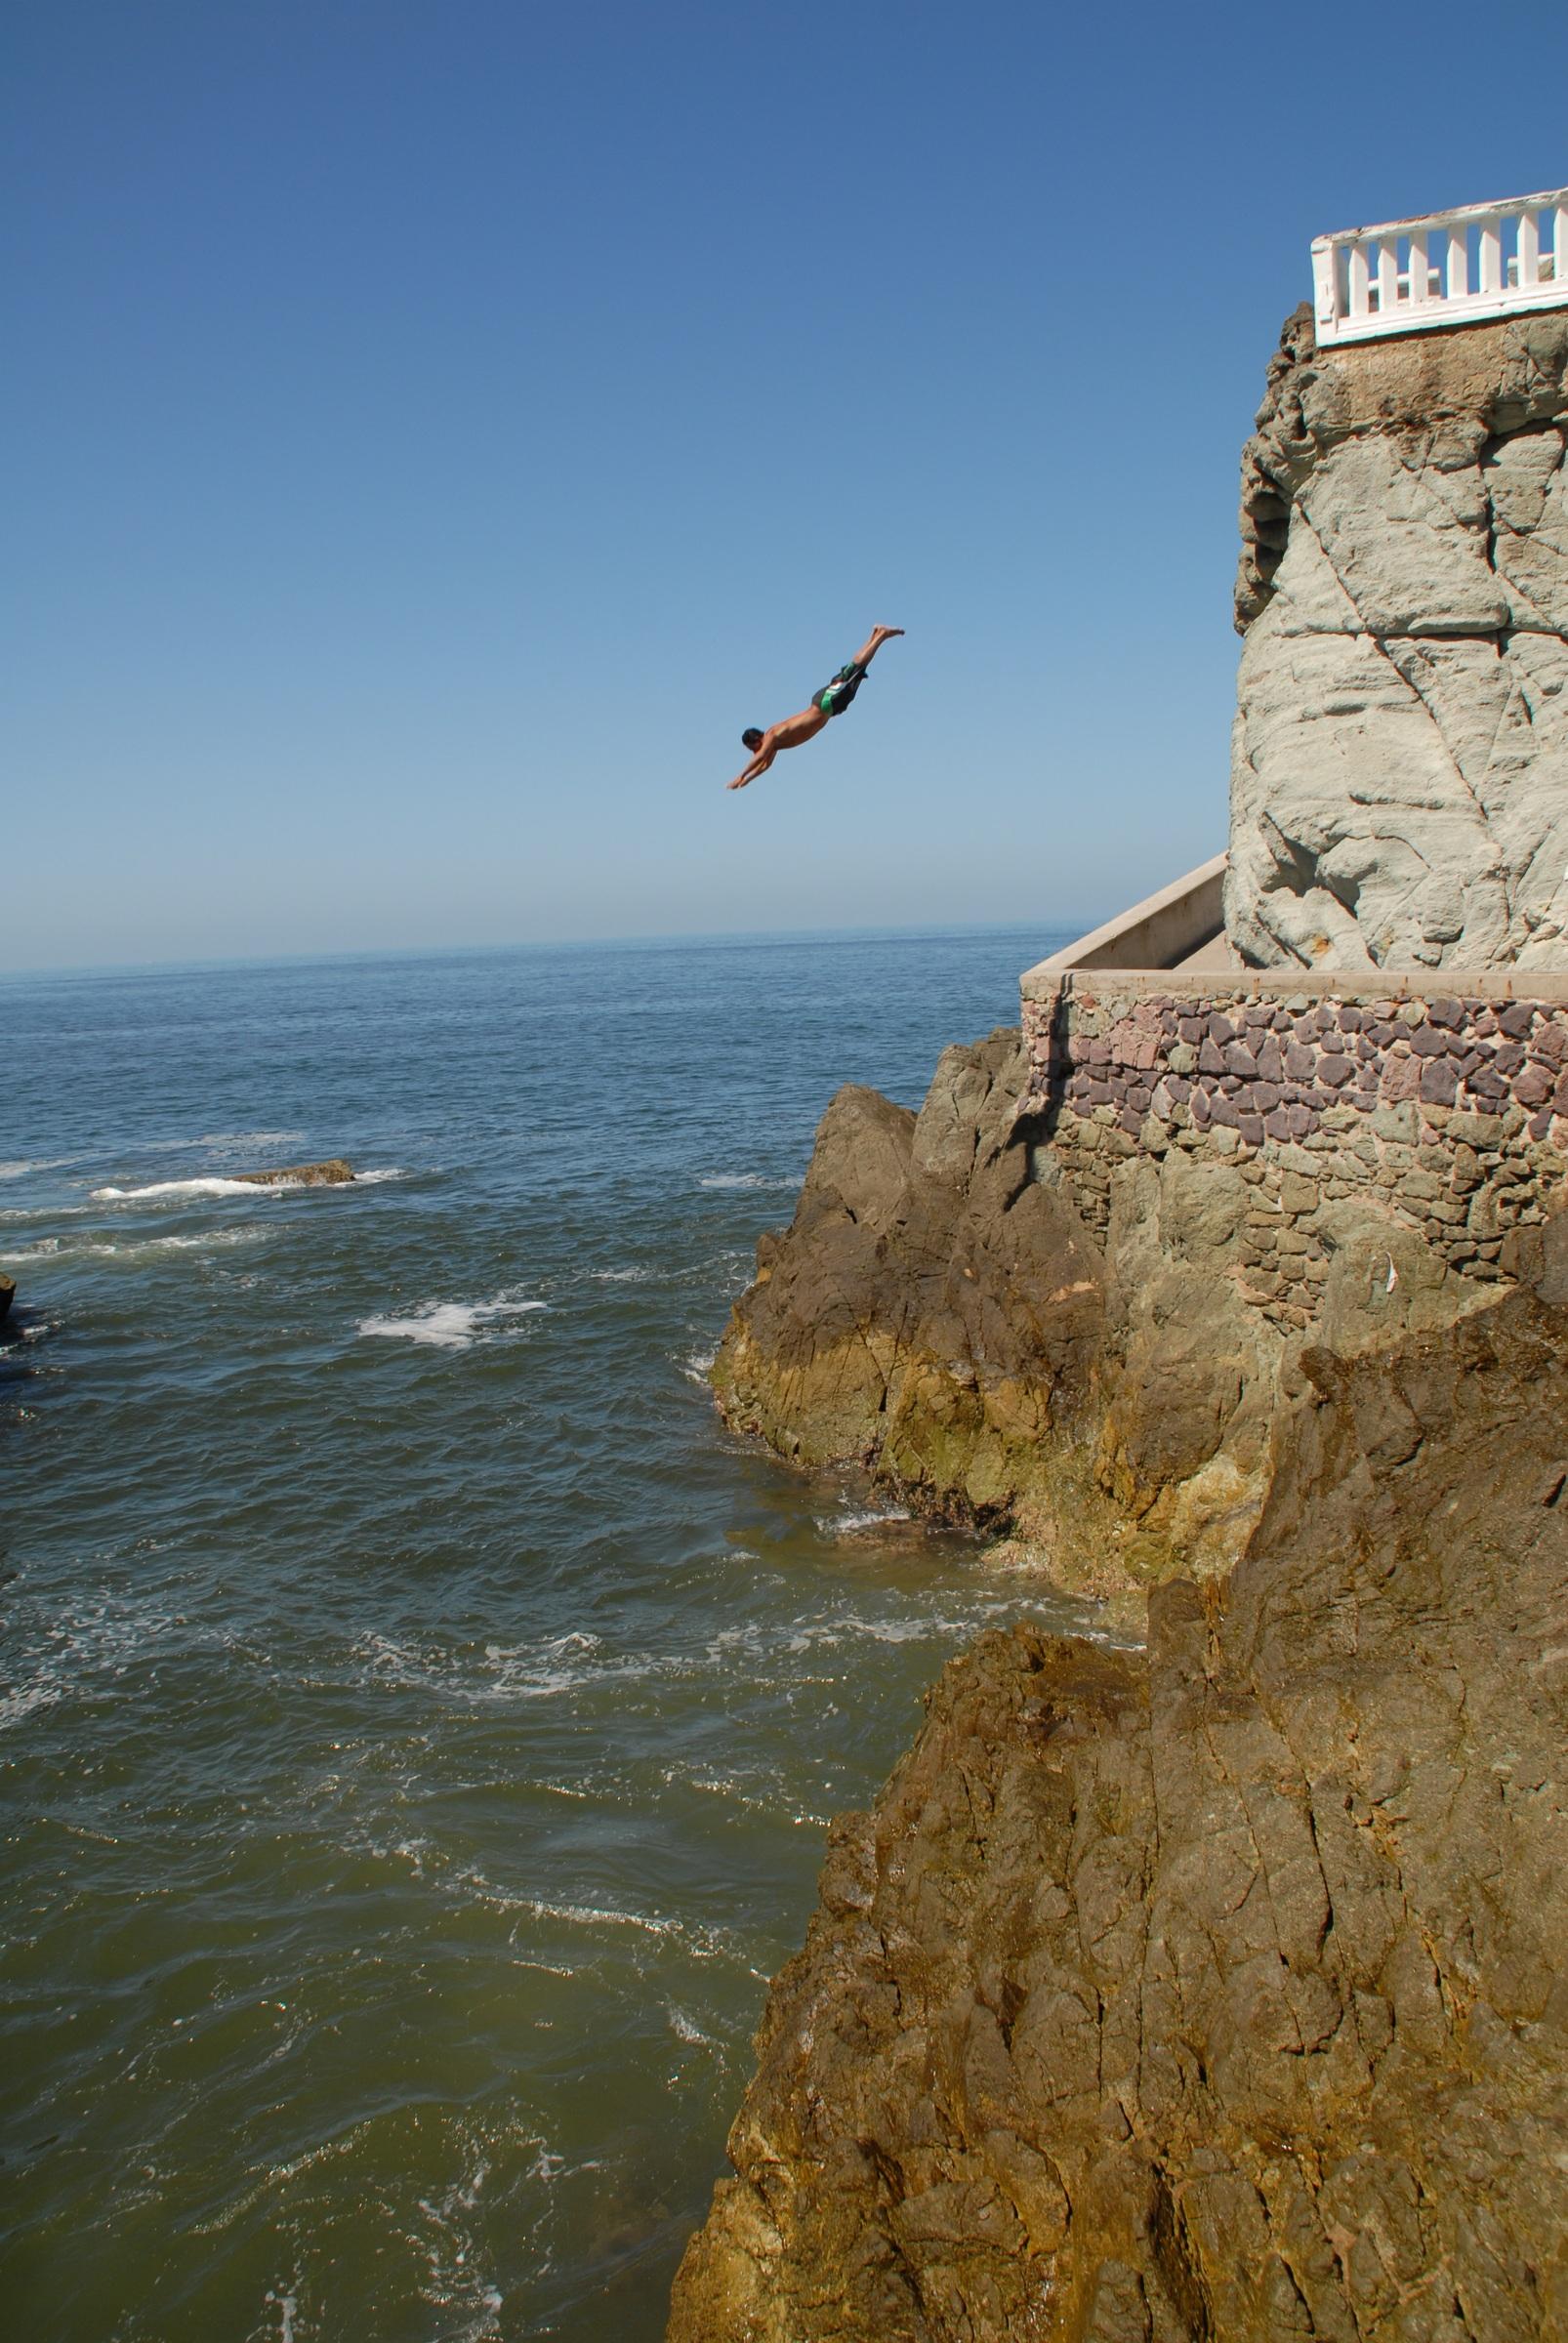 File:Cliff Diver.jpg